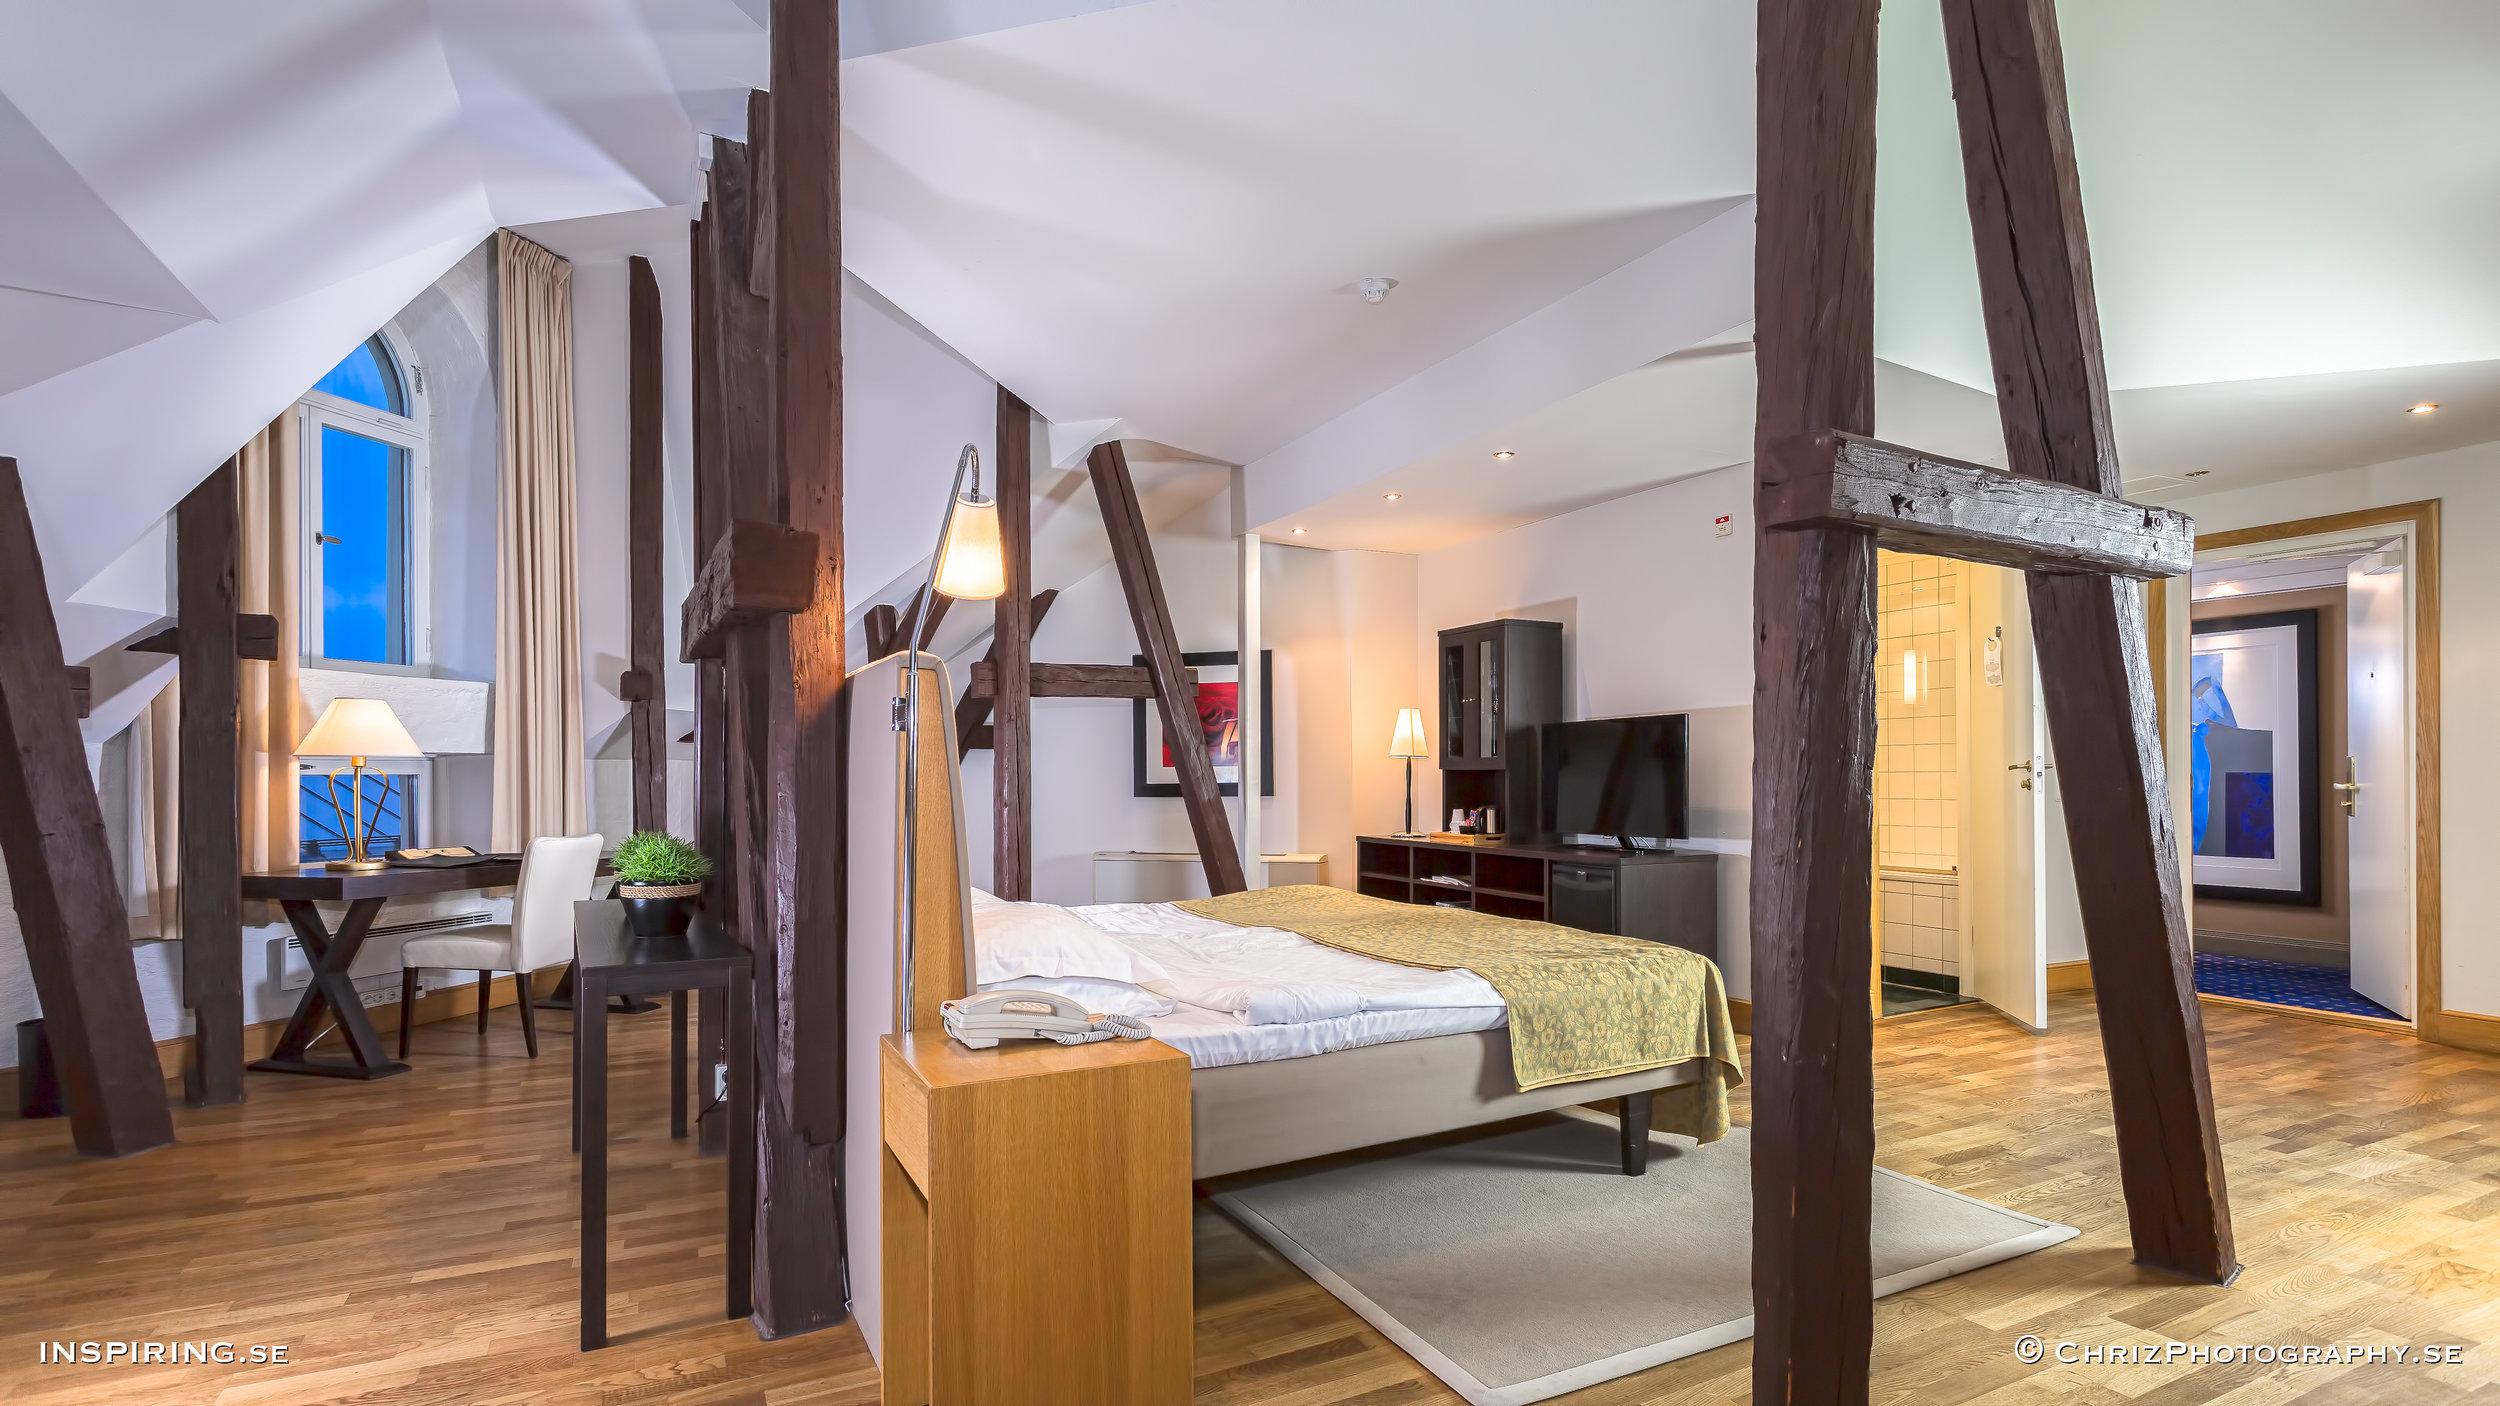 Elite_Hotel_Knaust_Inspiring.se_copyright_ChrizPhotography.se_41.jpg